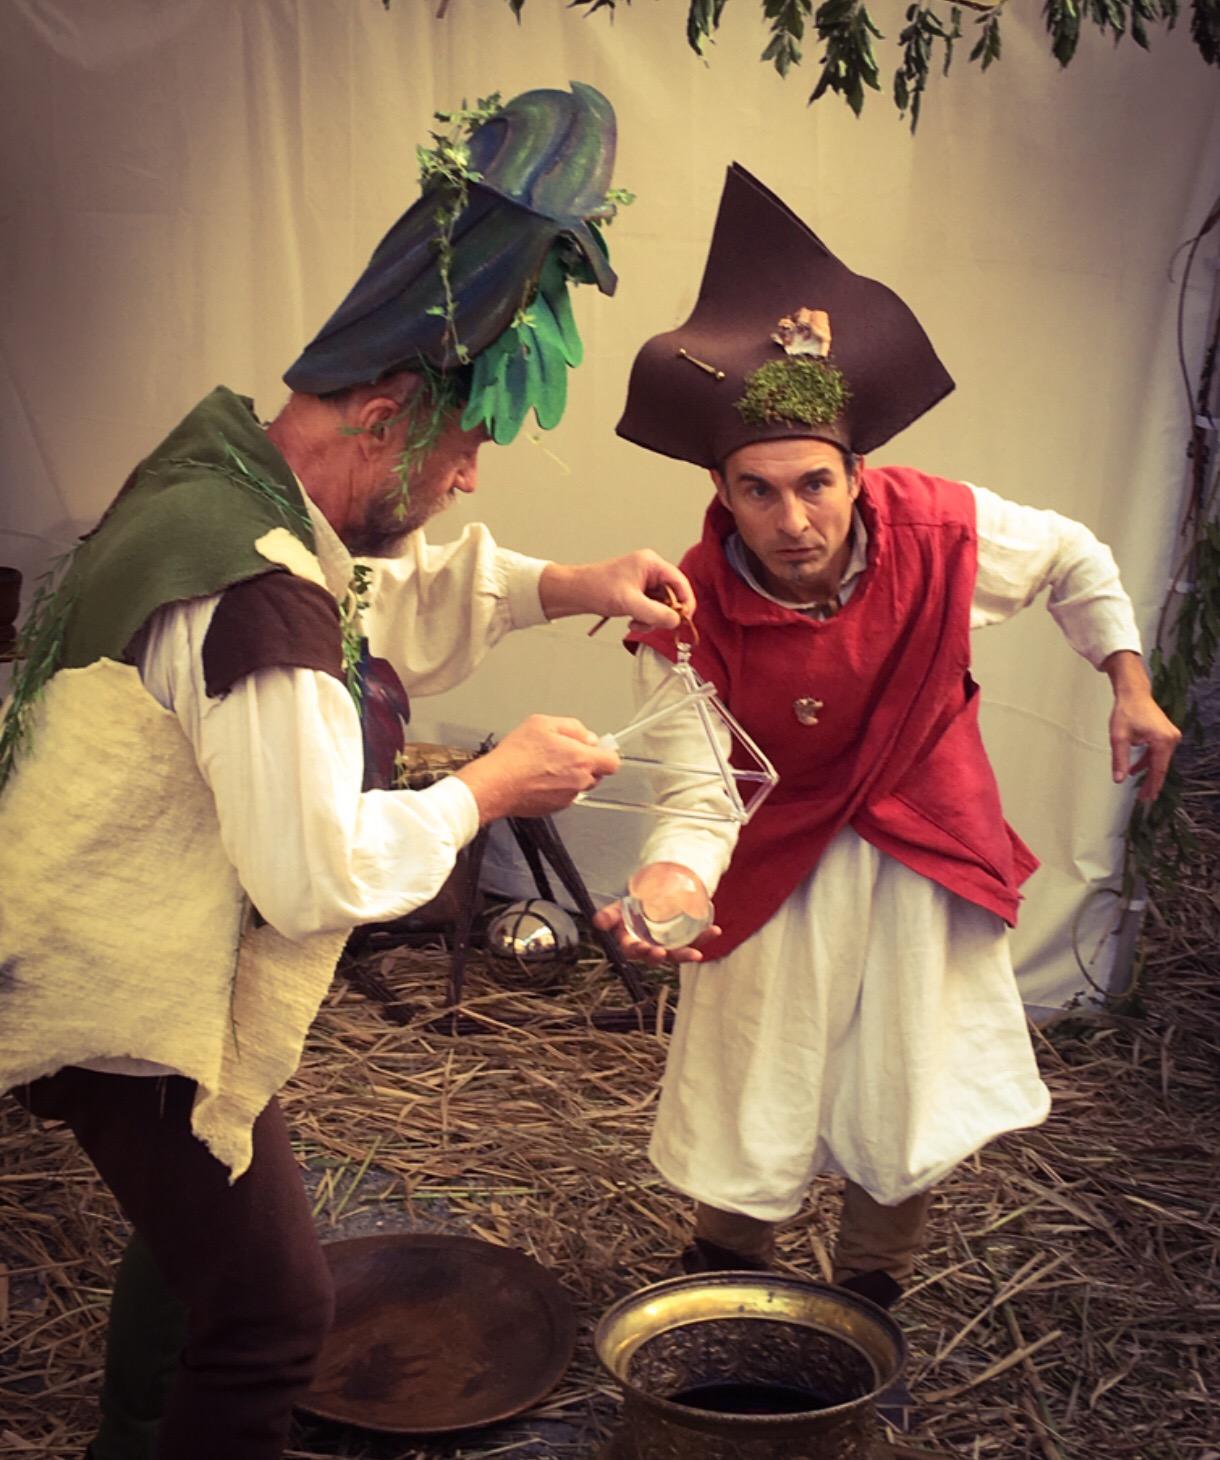 Graalus Nostra. Ce spectacle, issu de la rencontre entre un jongleur et un percussionniste, crée une animation médiévale féérique fantastique qui réjouira aussi bien une fête du moyen-âge, un festival d'art de rue, un événement privé, qu'une cour de château. Procédez à un rapide voyage temporel versciedupetitgrimoire.ch